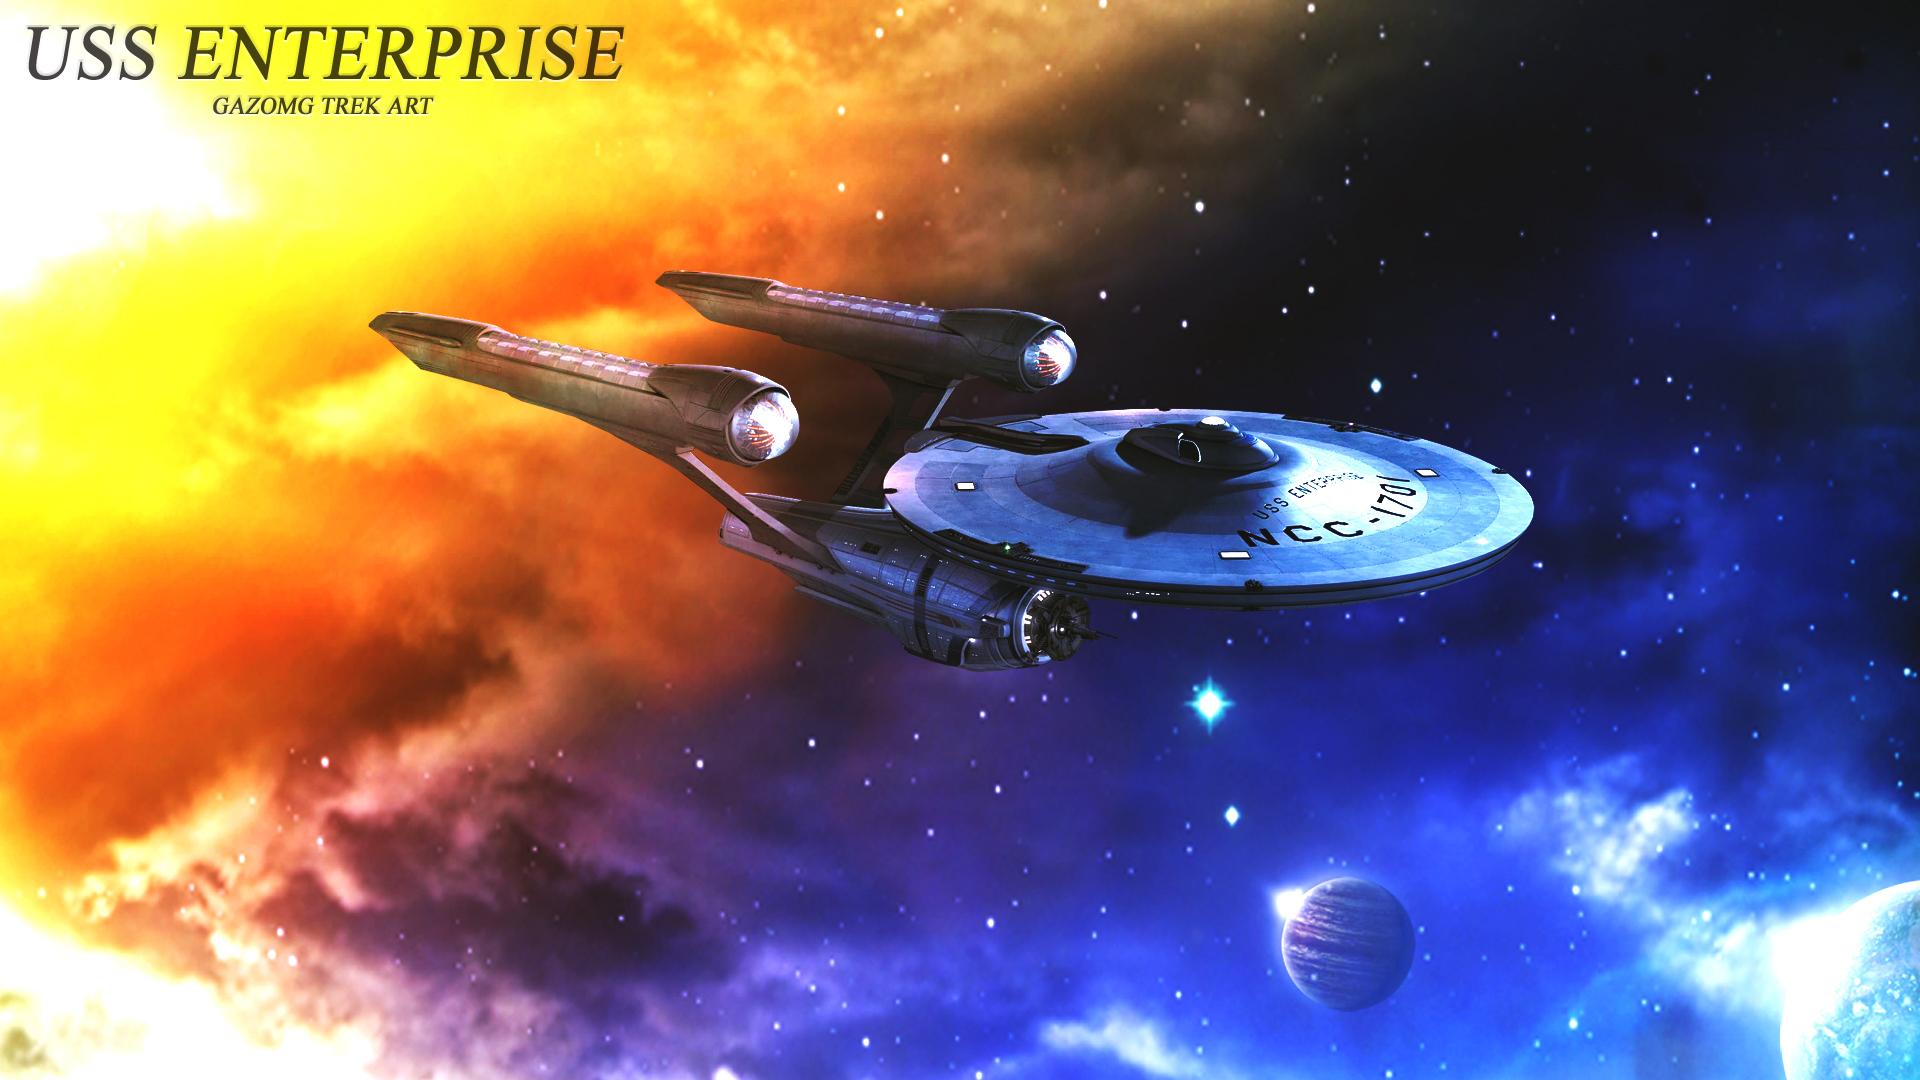 Uss Enterprise Alternate Star Trek Wallpaper By Gazomg On